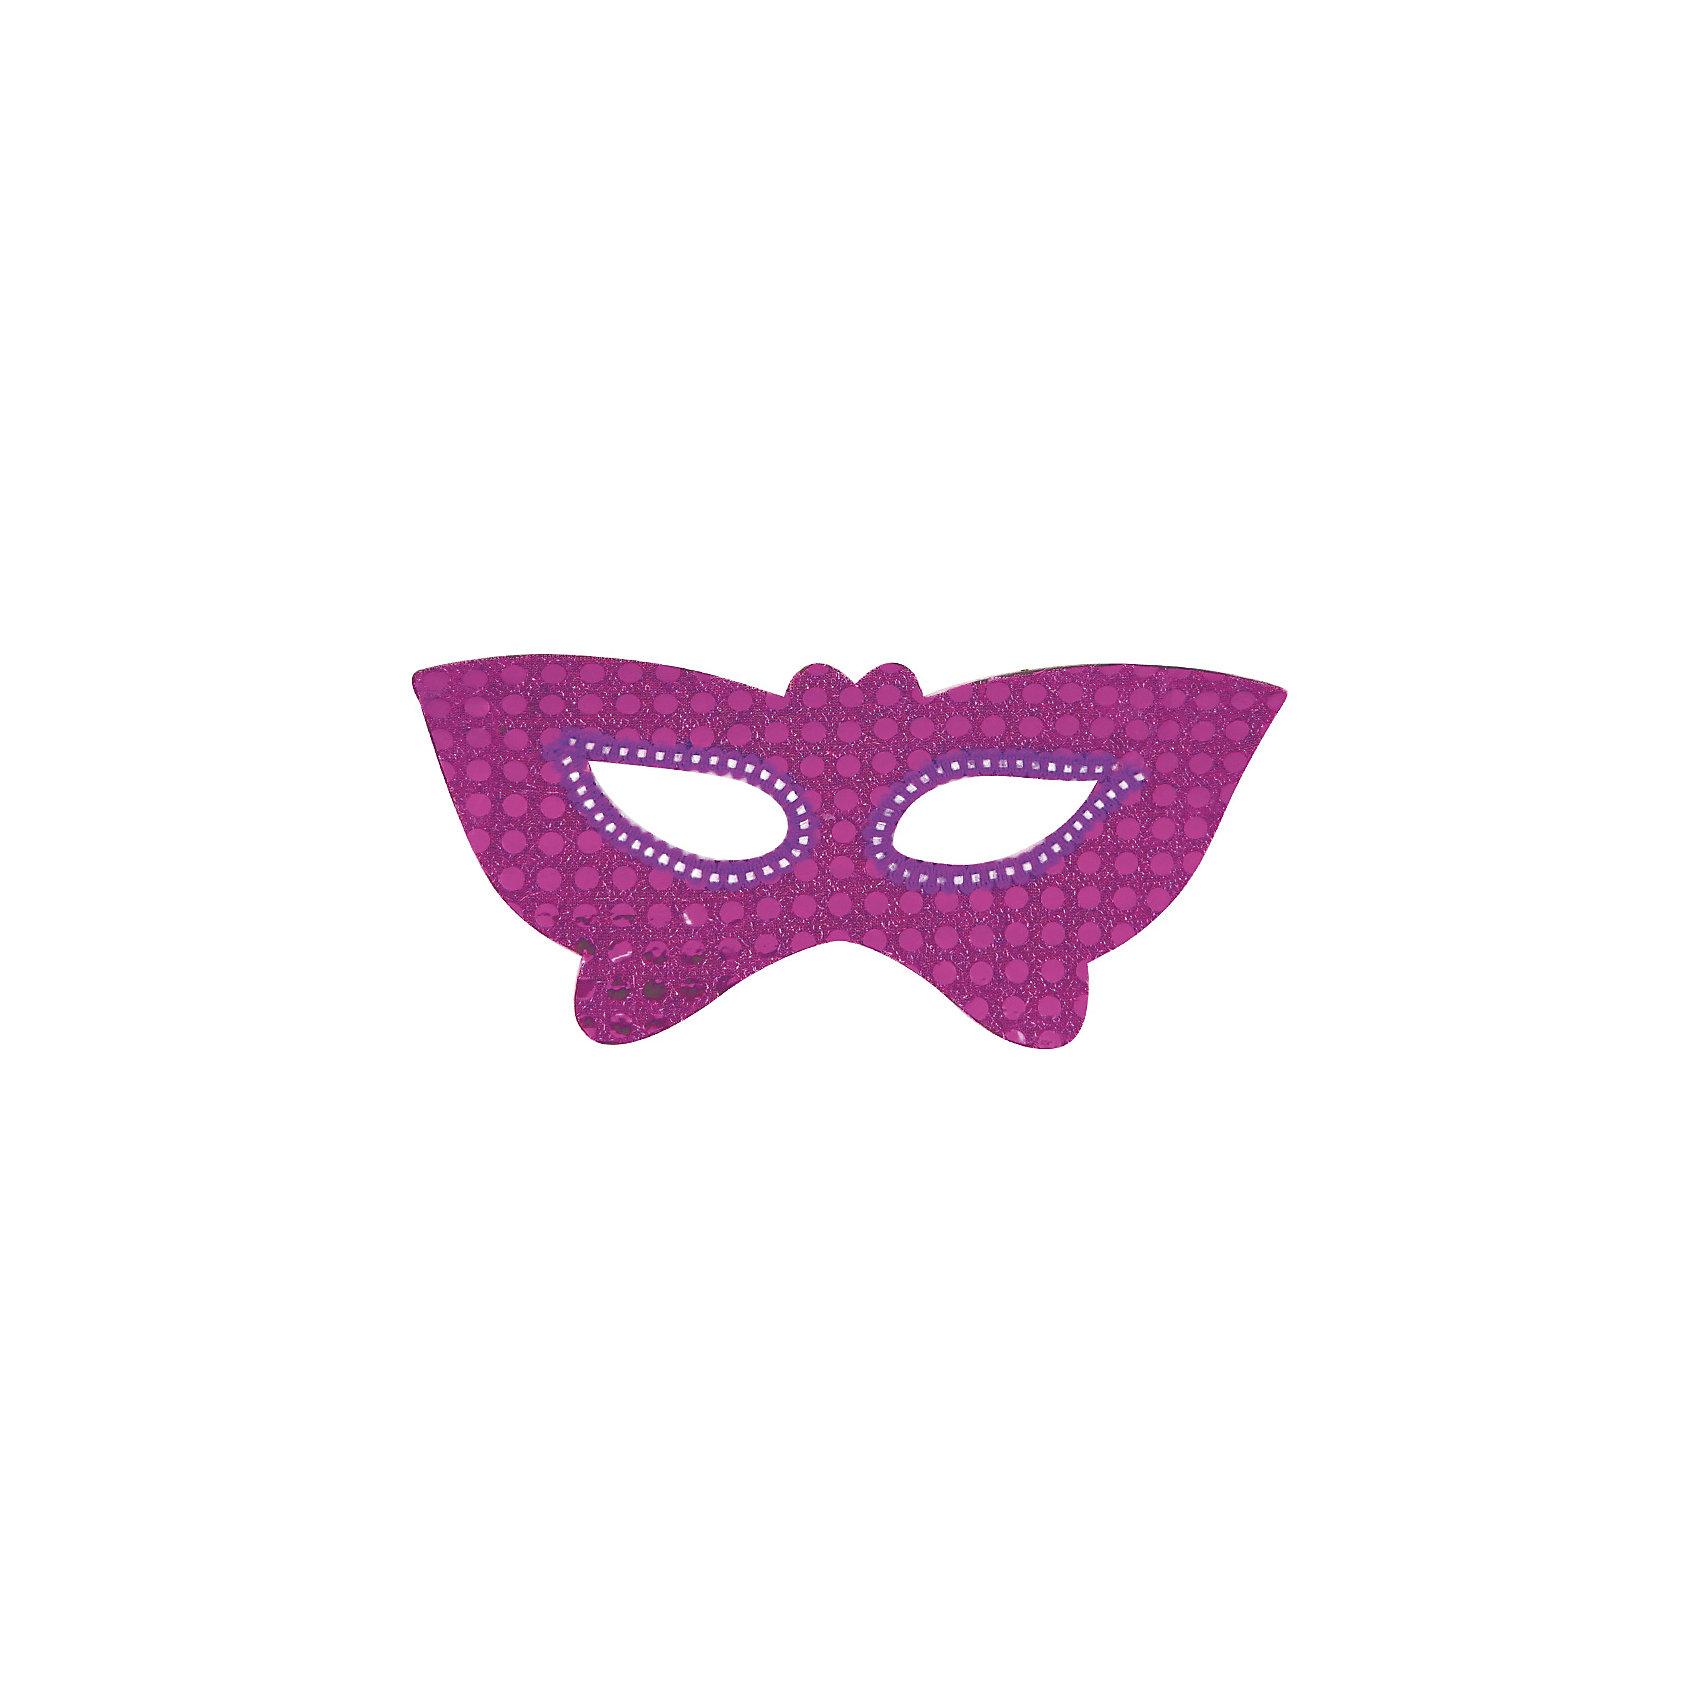 Маска-очки Бабочки, Marko FerenzoКарнавальные костюмы и аксессуары<br>Маска-очки Бабочки, Marko Ferenzo, замечательно украсит карнавальный костюм Вашей девочки. Маска красивого сиреневого цвета выполнена в виде крыльев бабочки и декорирована блестящим пайетками. Изготовлена из мягкого безопасного пластика.<br><br> Дополнительная информация:<br><br>- Цвет: сирень.<br>- Материал: пластик.<br>- Размер: 18 х 6,5 х 10 см.<br>- Вес: 100 гр.<br><br>Маску-очки Бабочки, Marko Ferenzo, можно купить в нашем интернет-магазине.<br><br>Ширина мм: 180<br>Глубина мм: 65<br>Высота мм: 100<br>Вес г: 100<br>Возраст от месяцев: 36<br>Возраст до месяцев: 2147483647<br>Пол: Унисекс<br>Возраст: Детский<br>SKU: 4418866